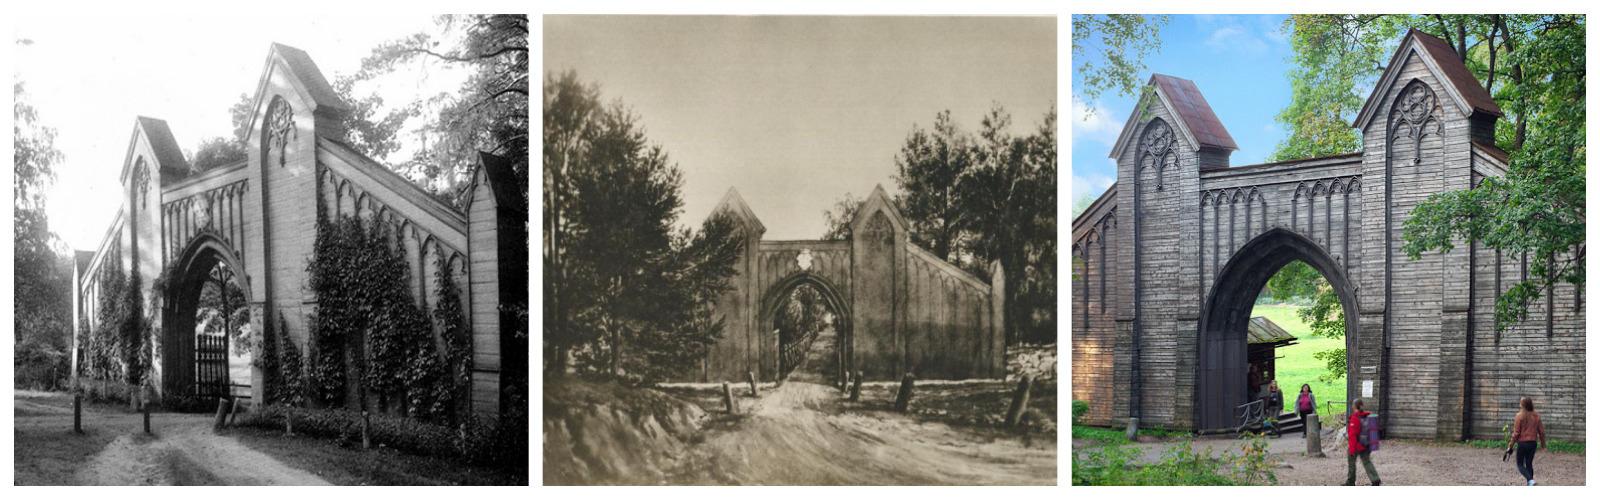 Готические ворота в усадьбе Монрепо были построены неизвестным архитектором в 1830-х годах. Были утрачены и воссозданы в 1950-х с некоторыми изменениями.